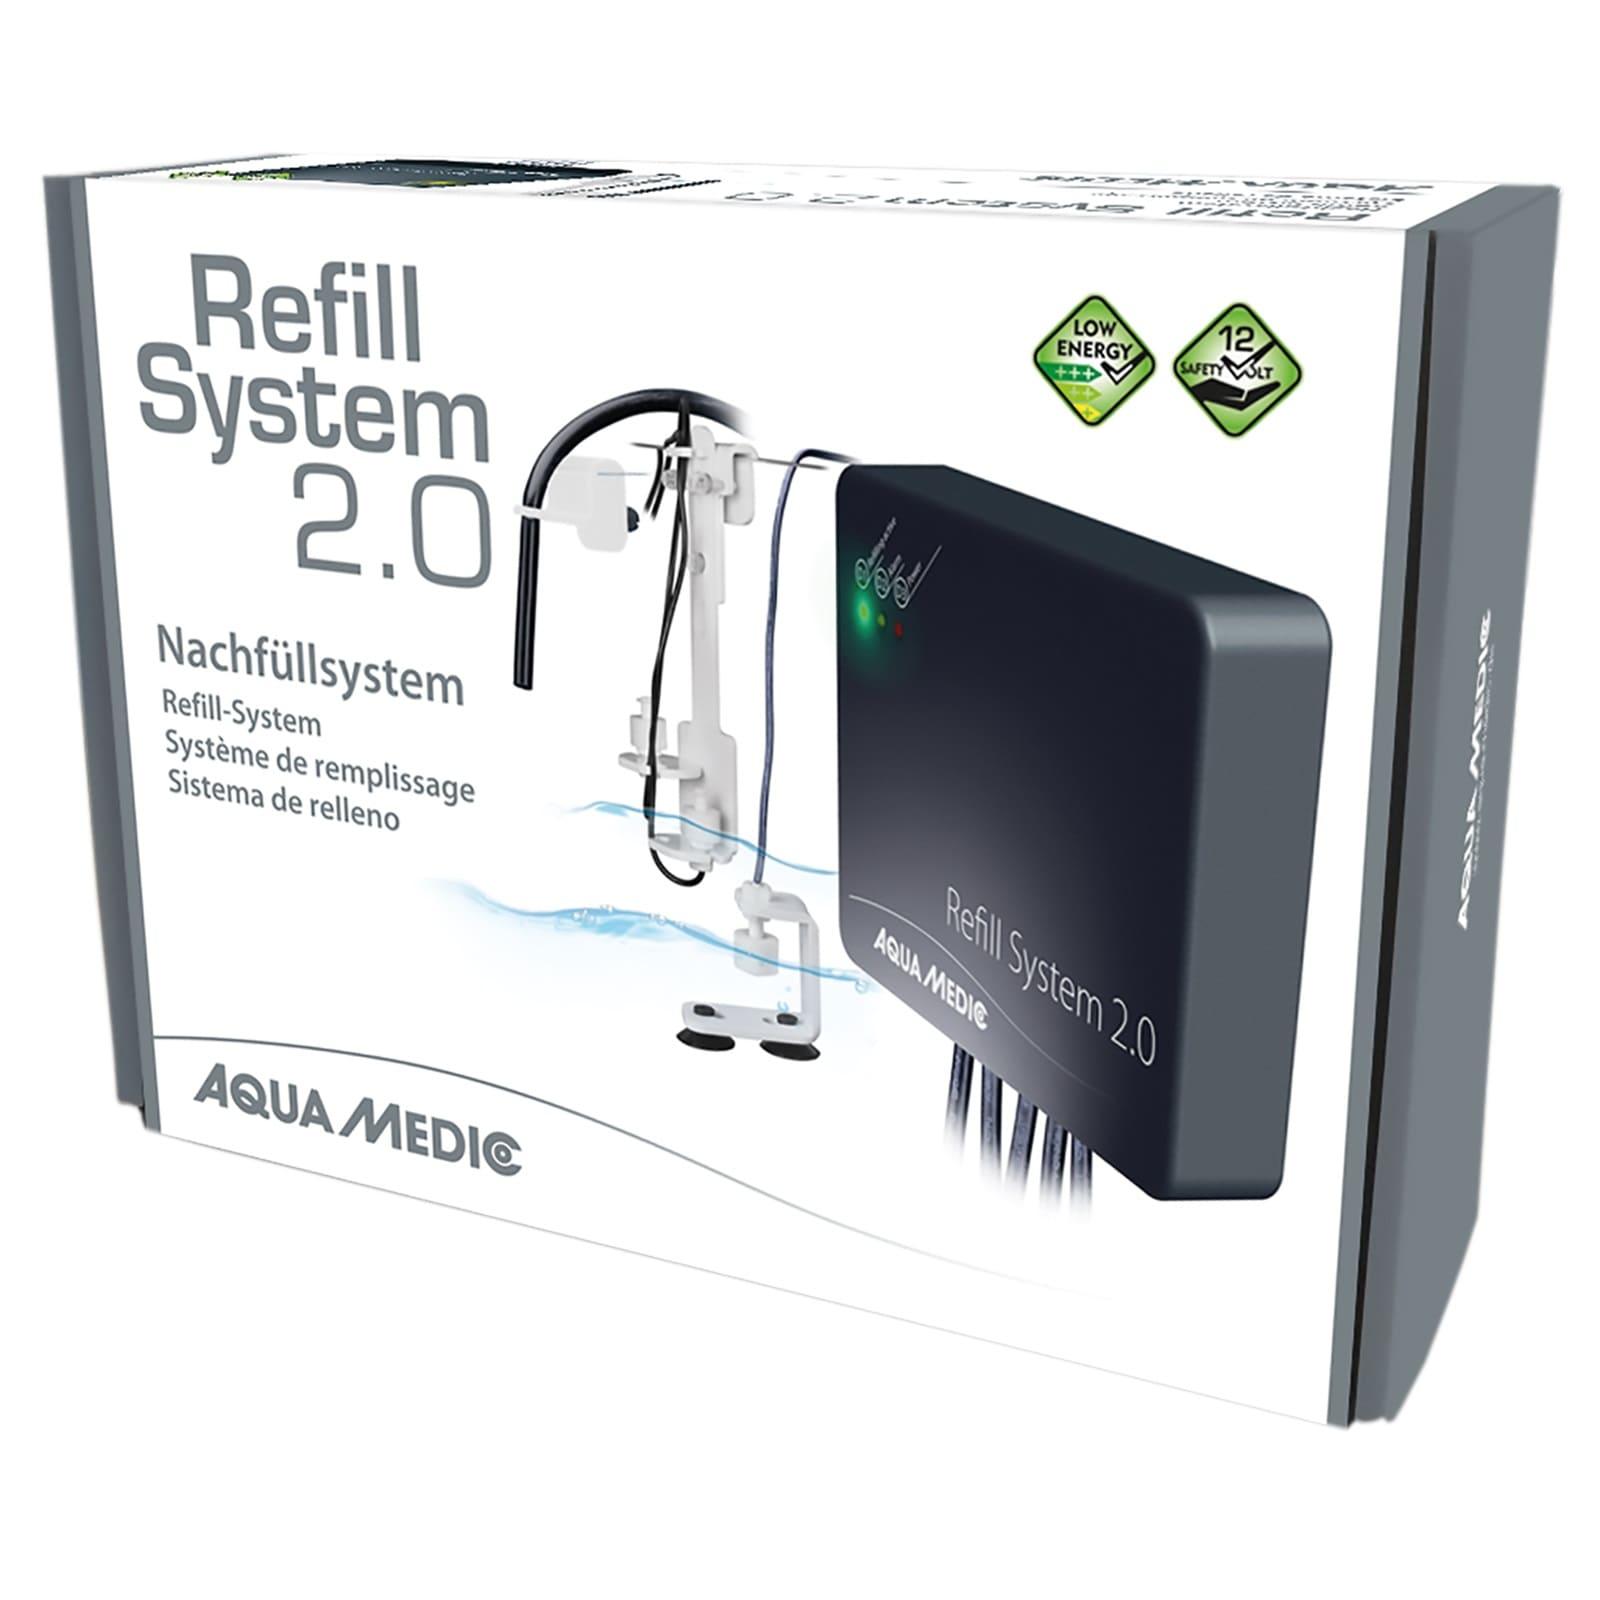 AQUA MEDIC Refill System 2.0 osmolateur complet pour compensation automatique de l\'eau évaporée